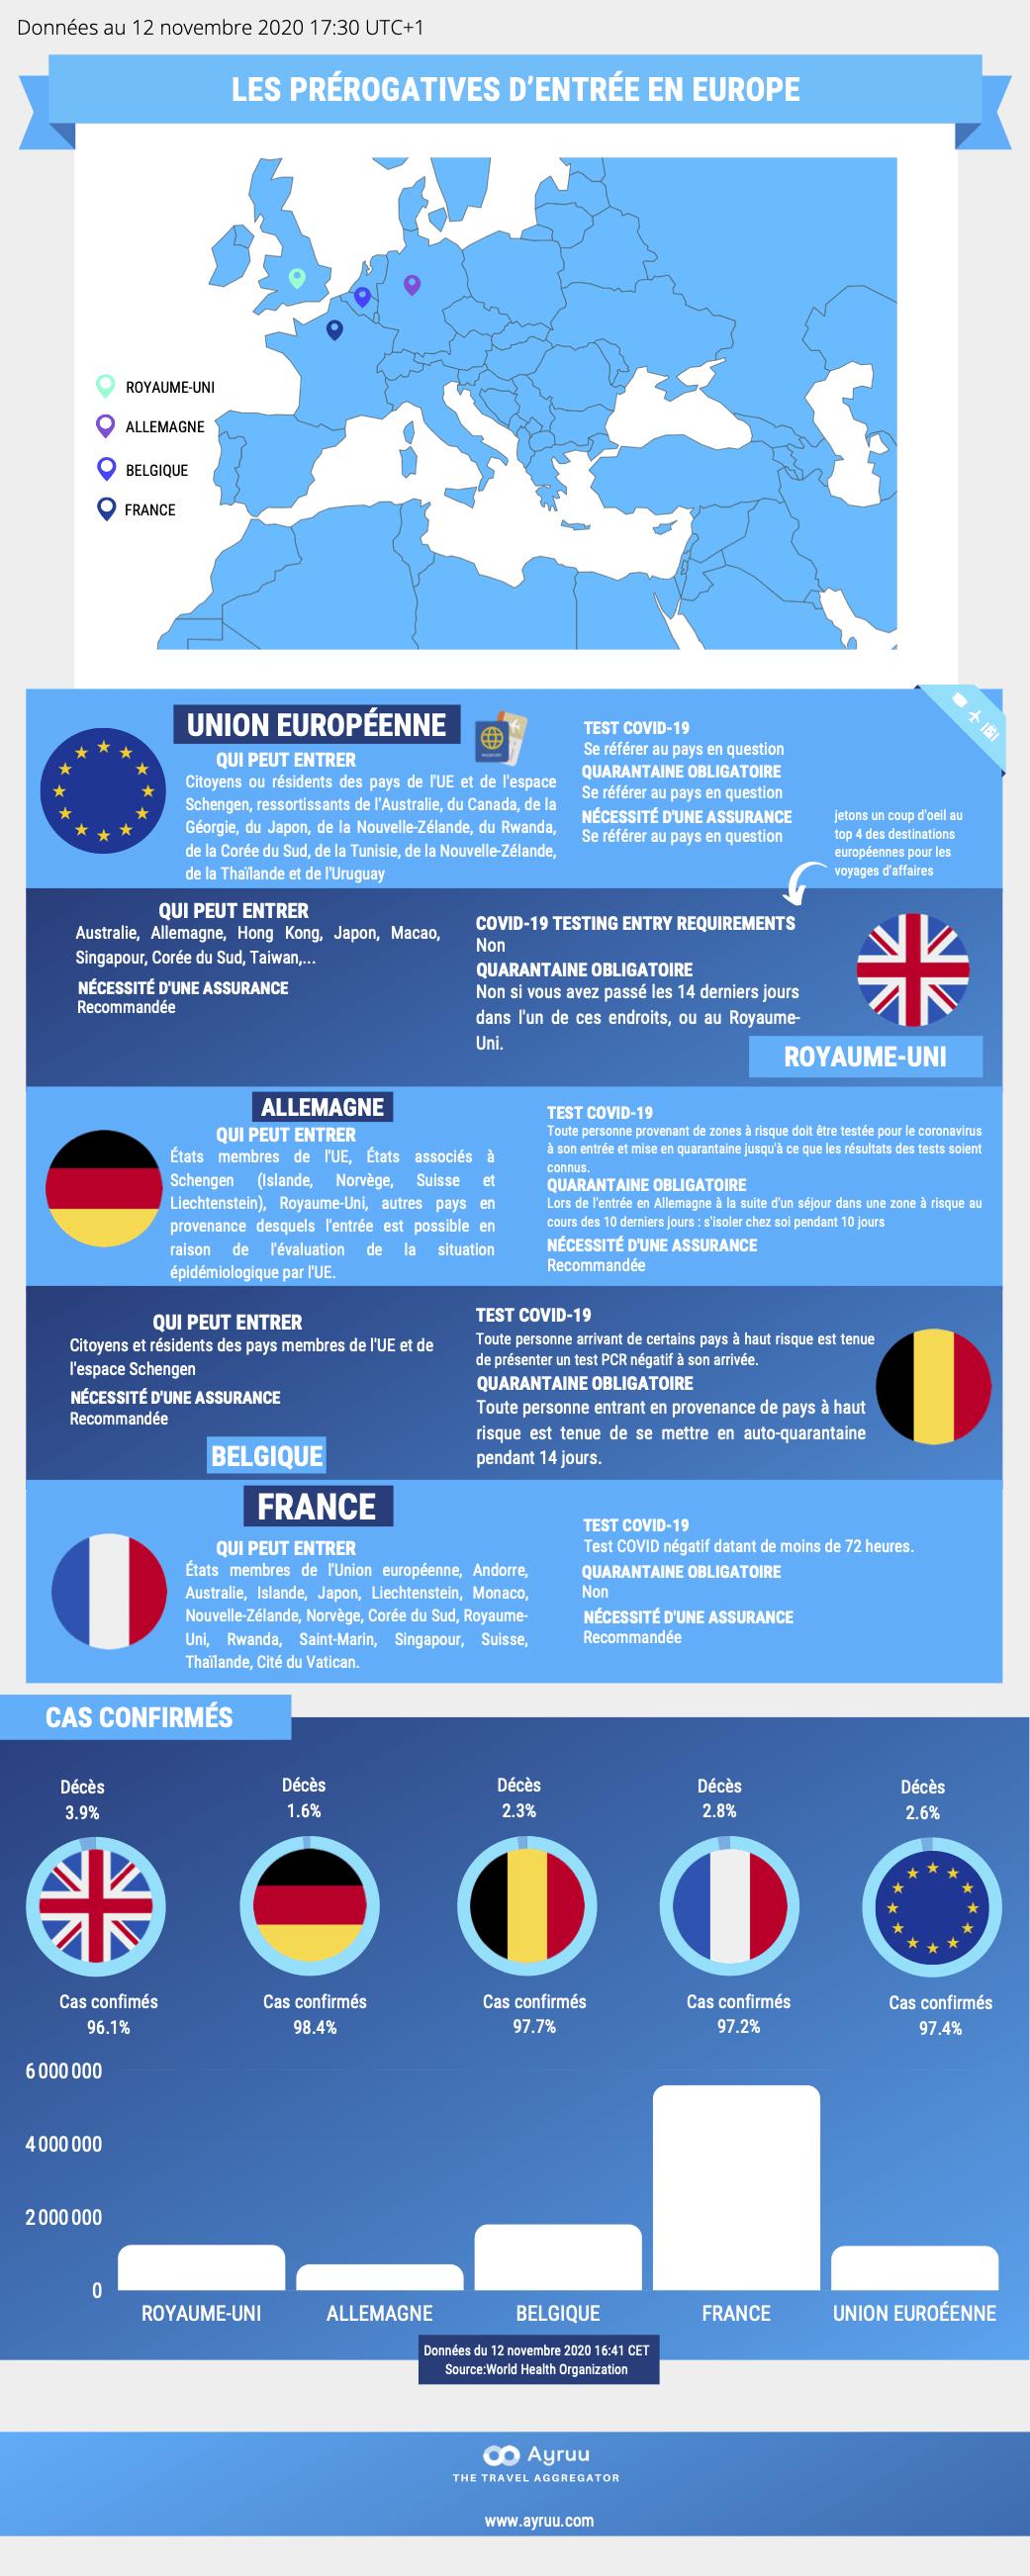 Infographie Les prérogatives d'entrée en Europe Ayruu